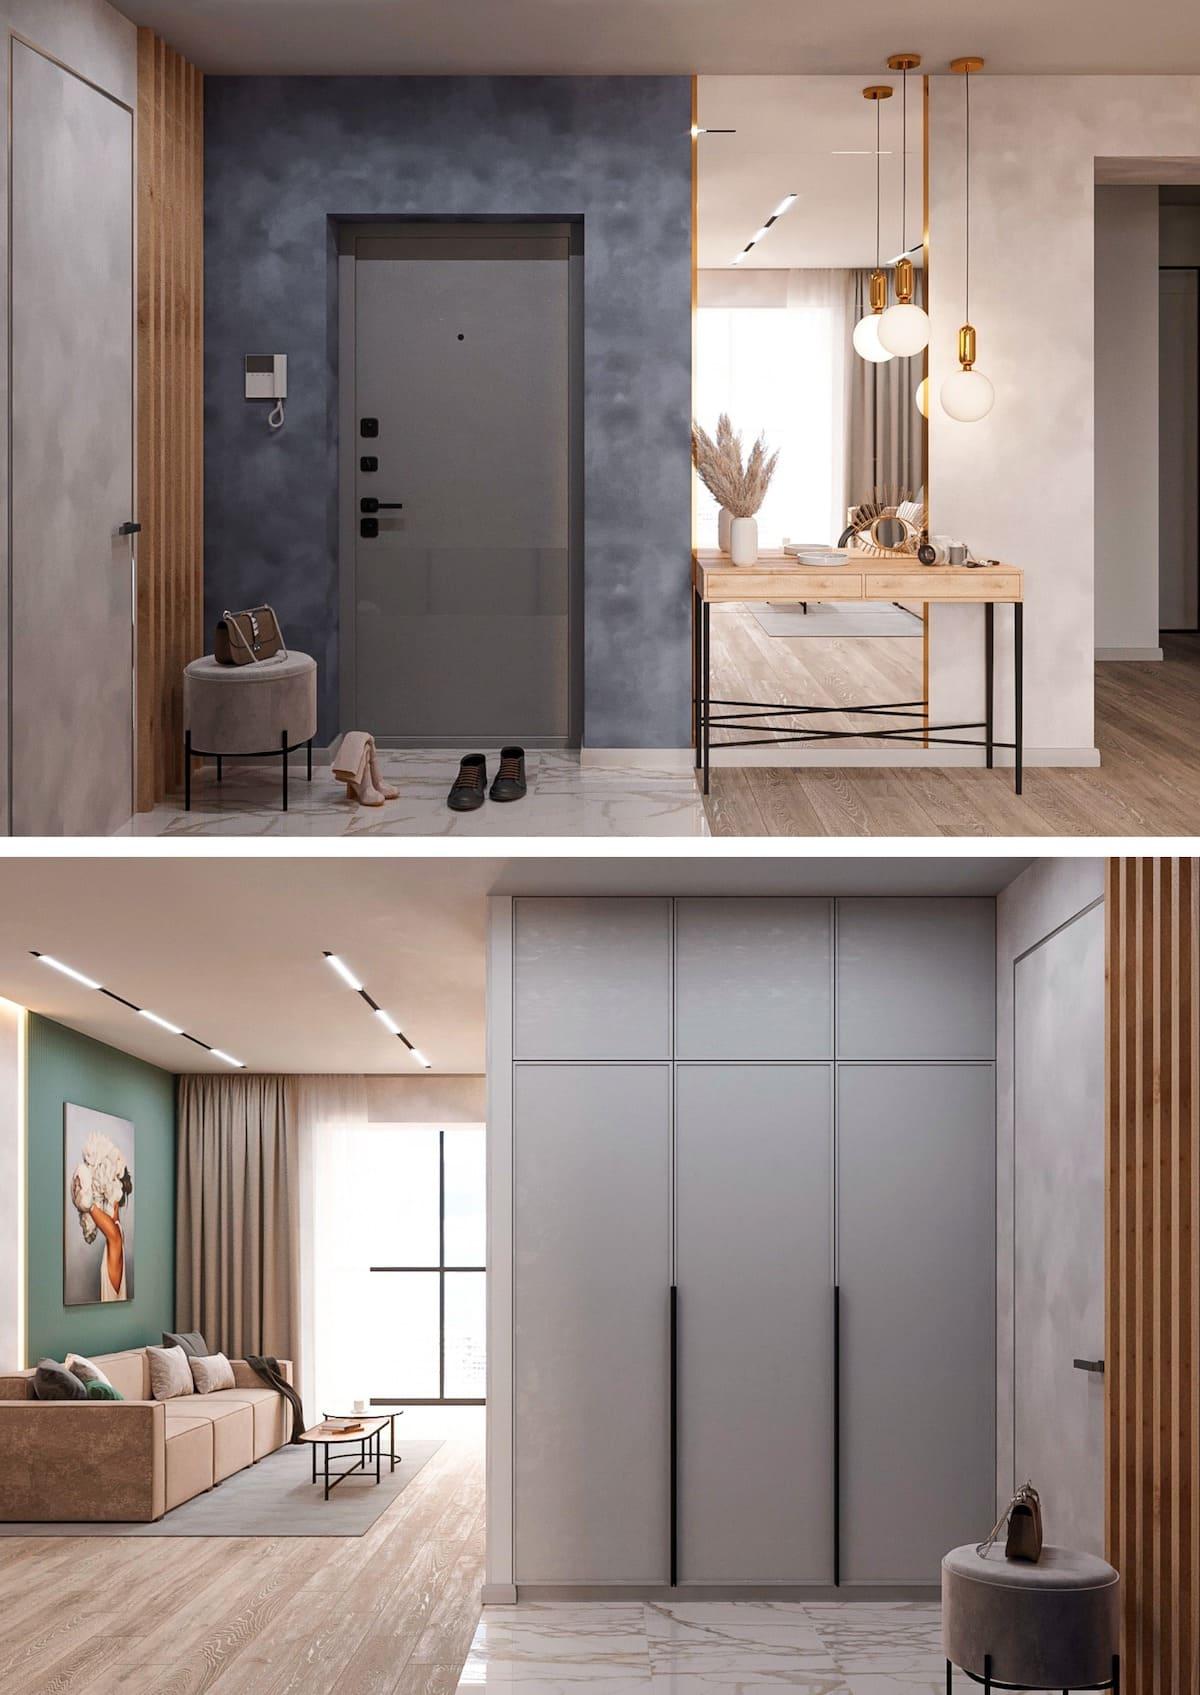 design d'intérieur couloir photo 6